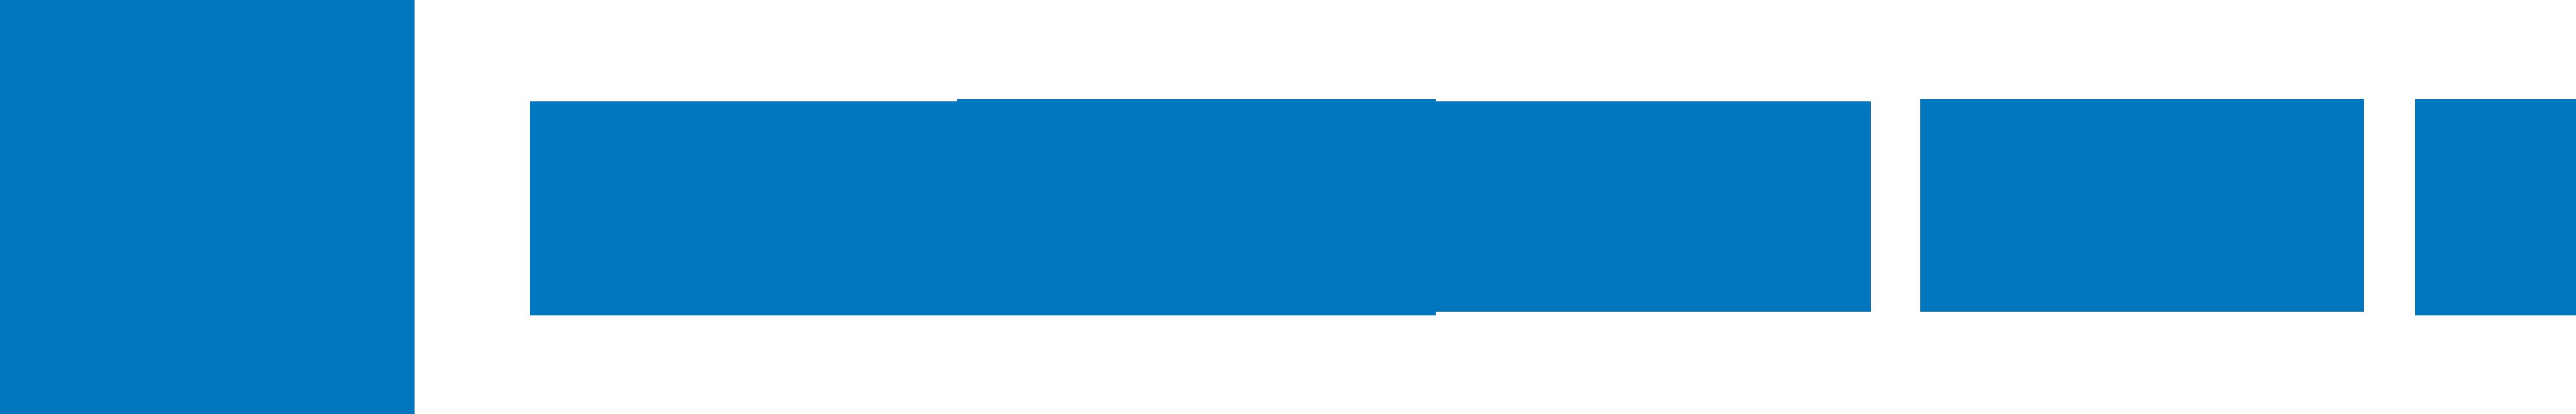 wunderman Logo photo - 1